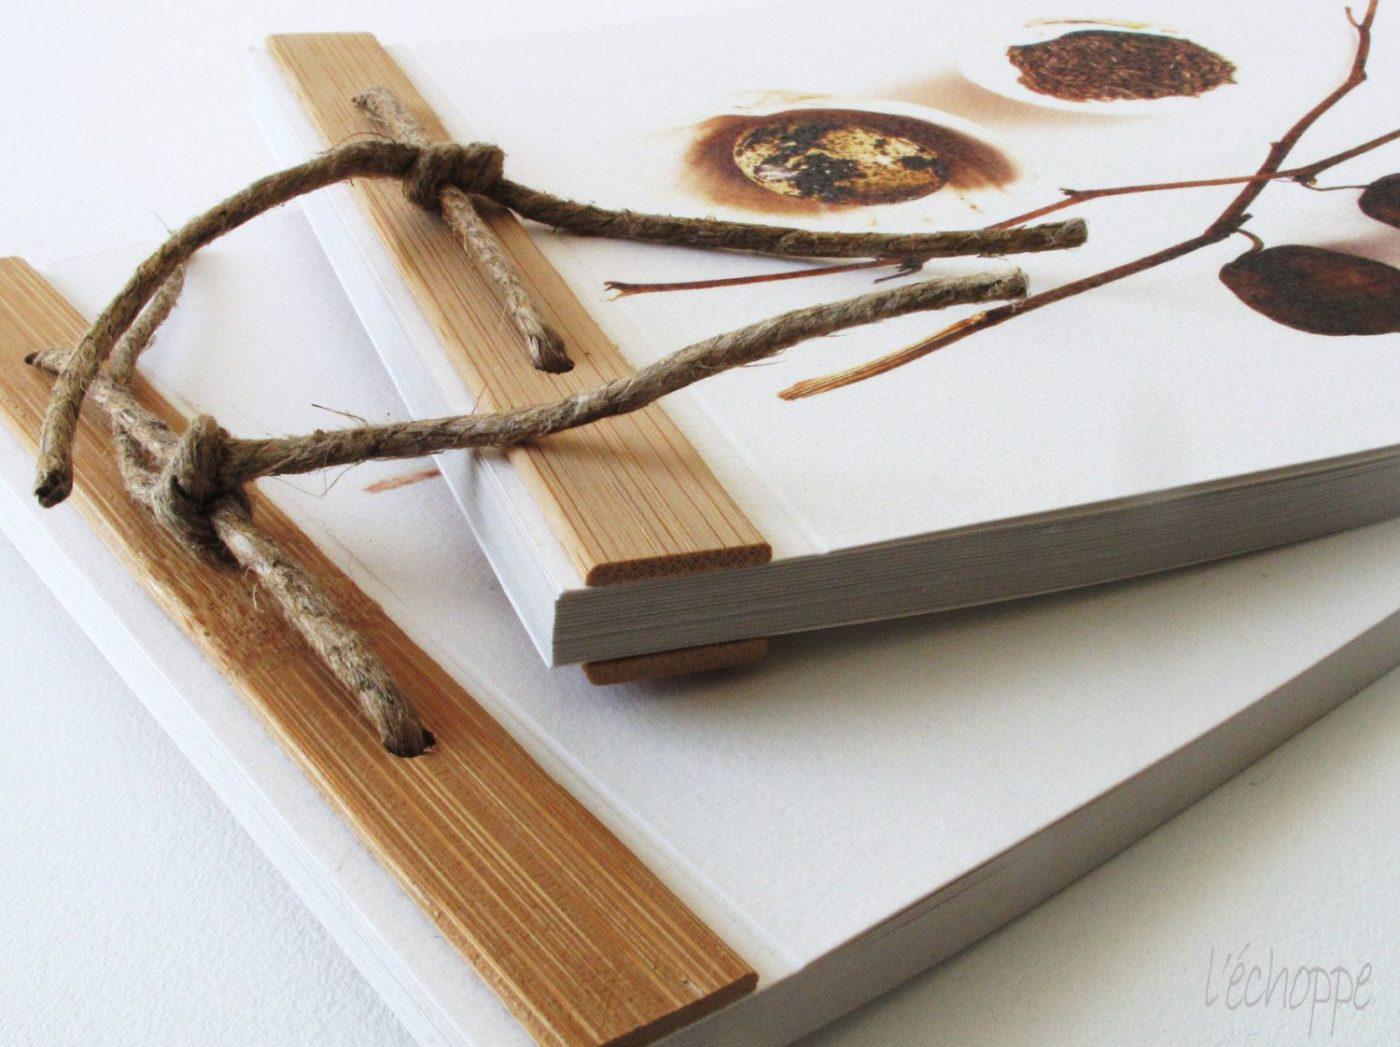 Nẹp menu bằng gỗ - đơn giản và thú vị